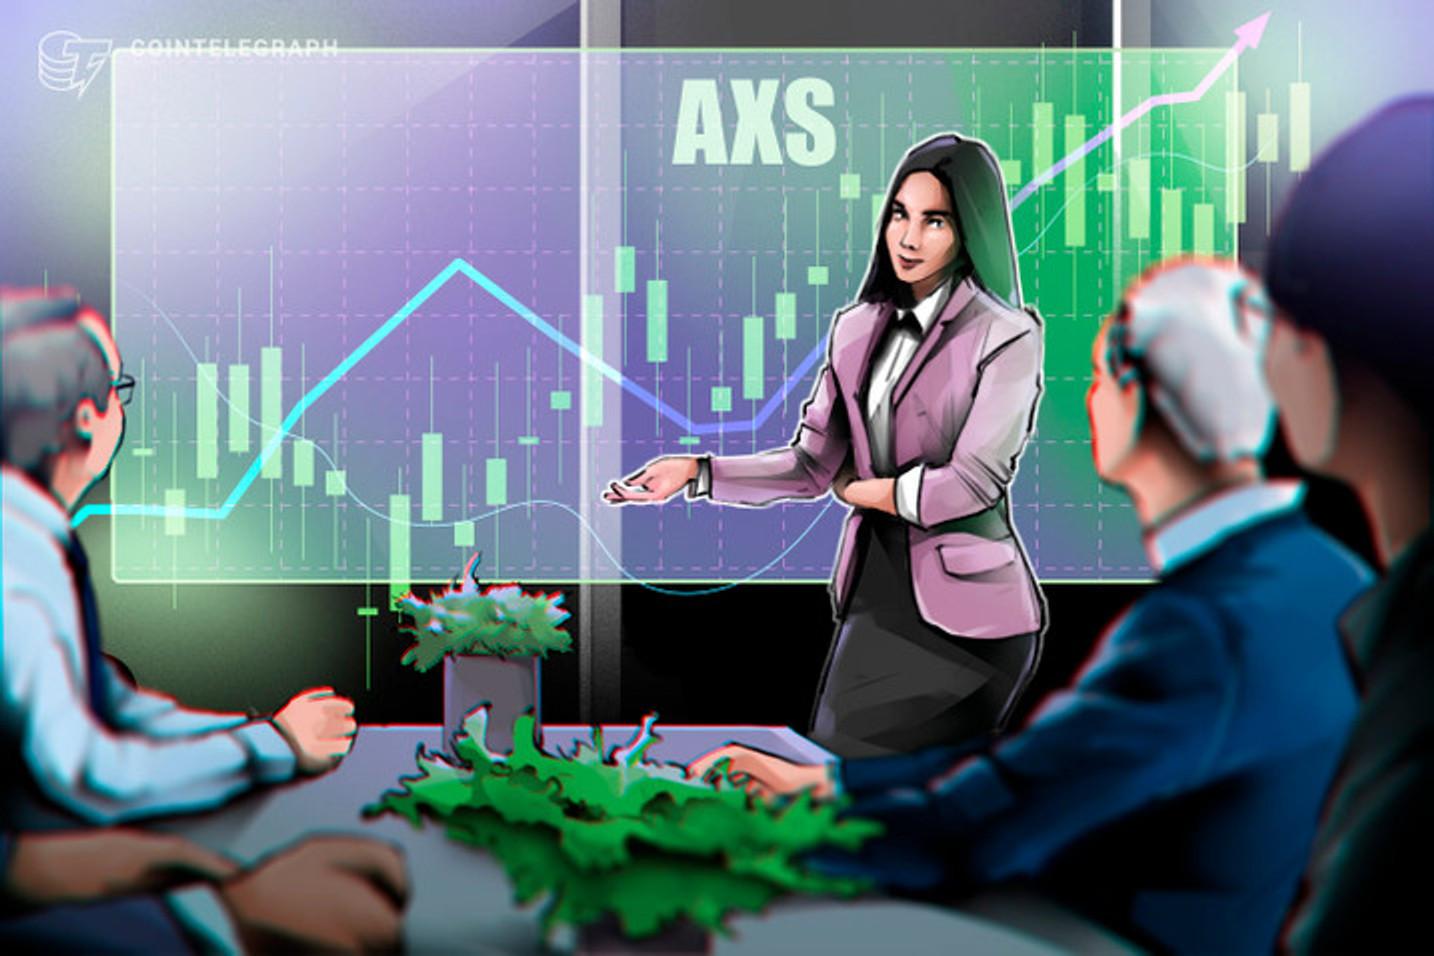 Axie Infinity (AXS) lidera lista das 5 criptomoedas que mais cresceram em sete dias, com alta de 41%